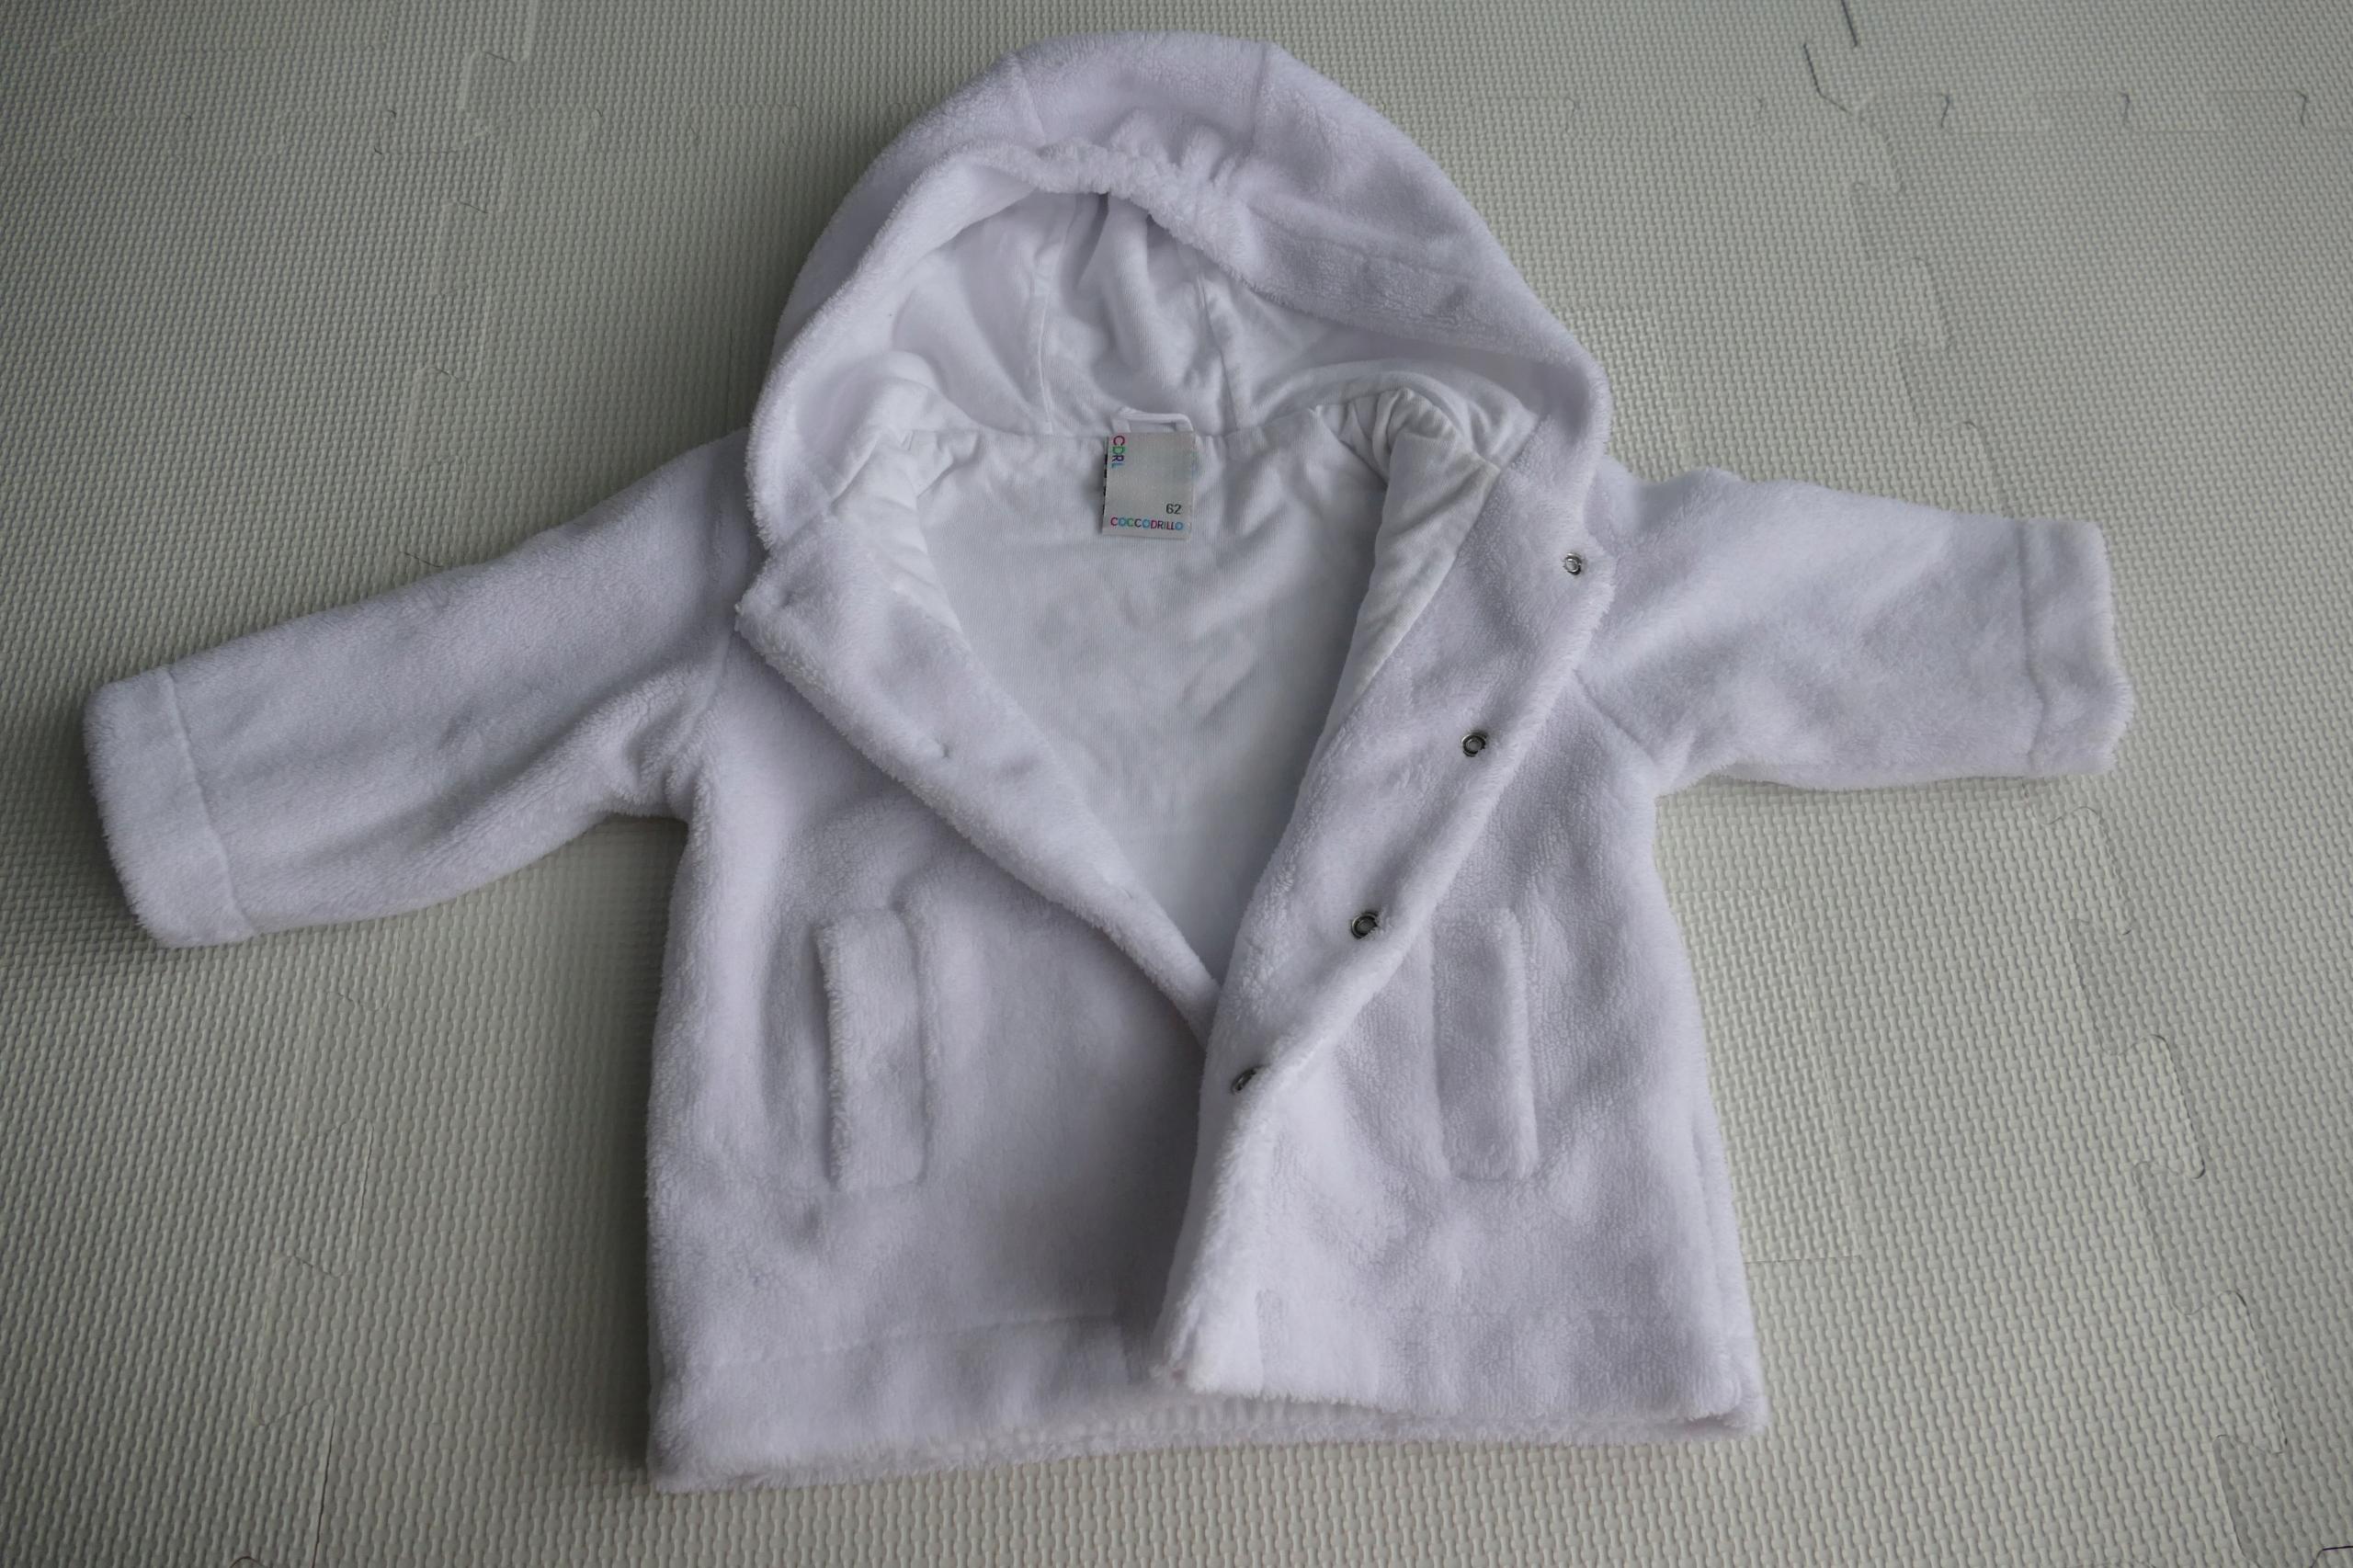 Biały polarek niemowlęcy Cocodrillo - do chrztu.